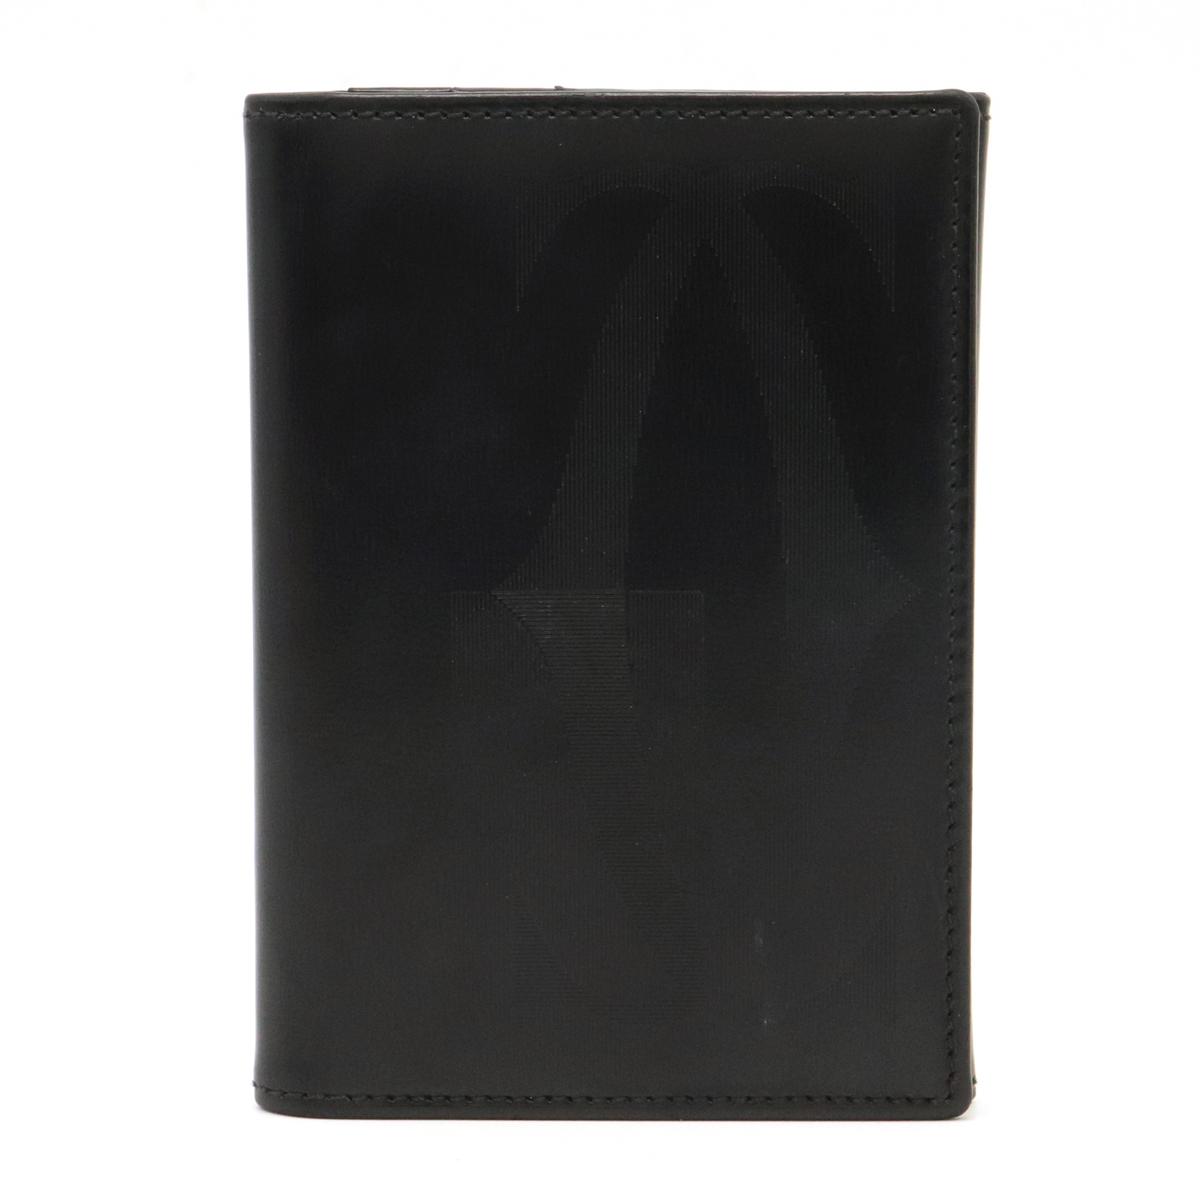 Cartier カルティエ 記念日 パシャ ロゴ 贈呈 2Cモチーフ カードケース 名刺入れ パスケース 黒 中古 L3001011 シルバー金具 ブラック レザー カーフ